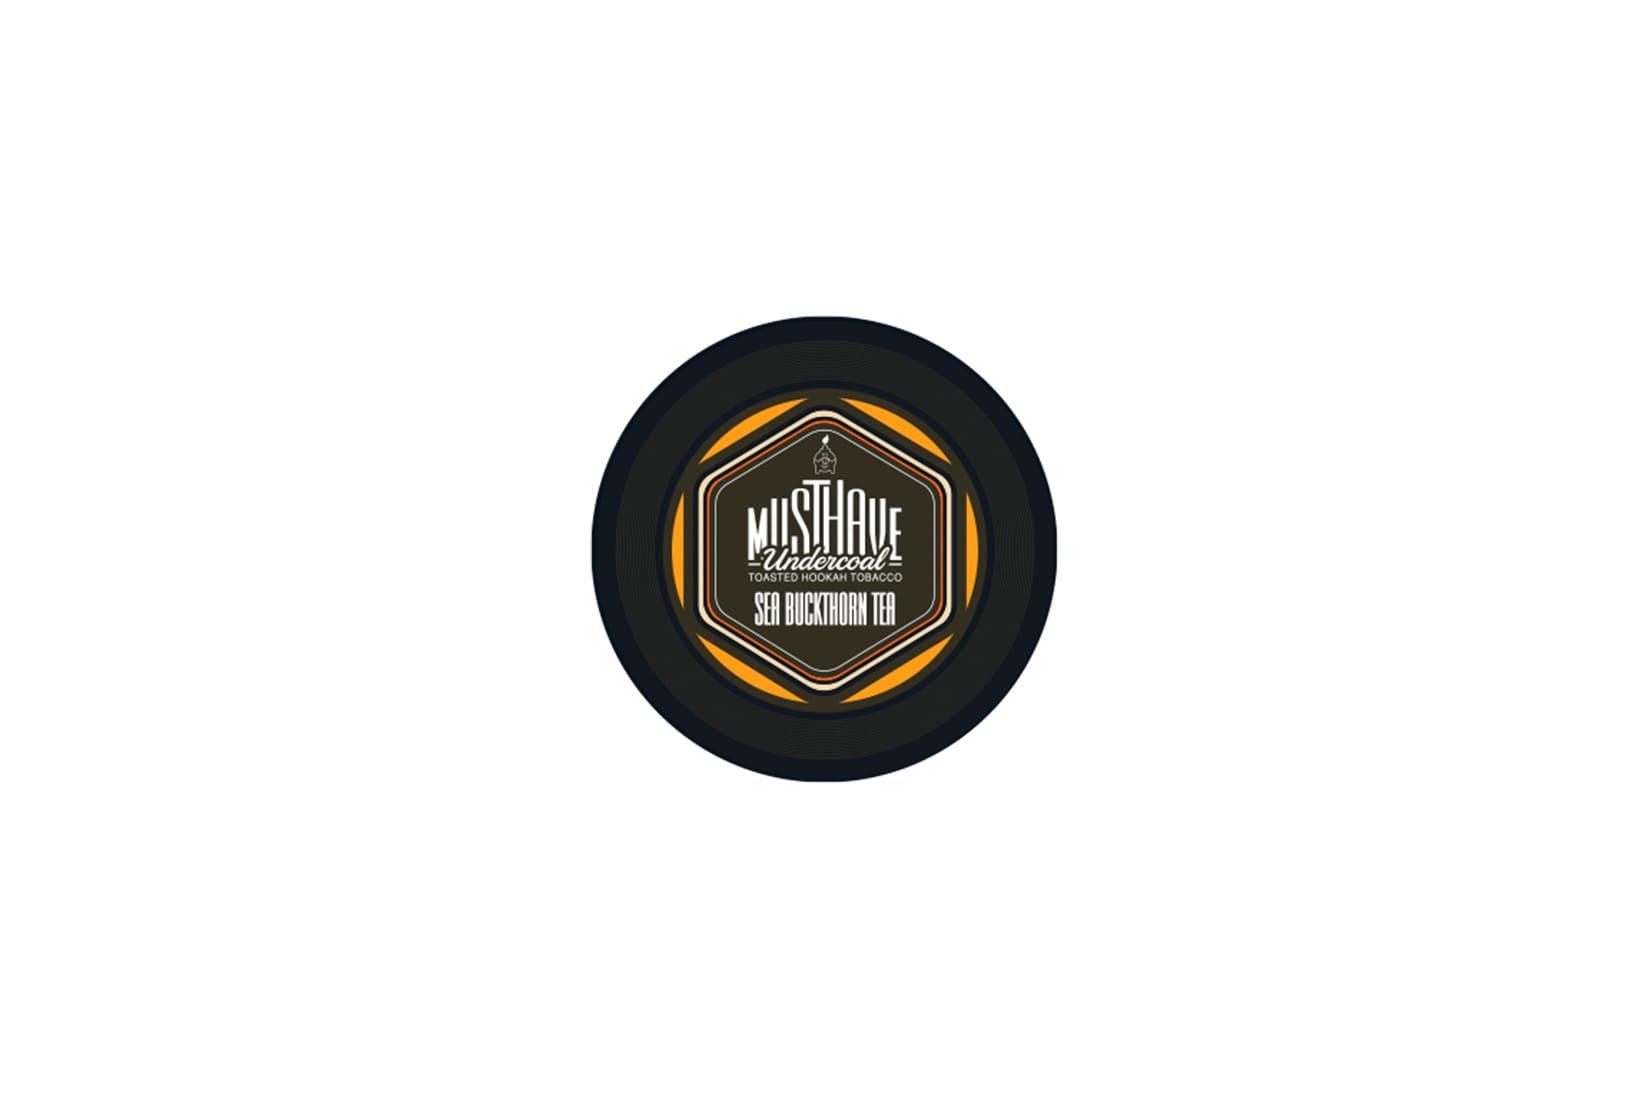 Табак для кальяна MustHave Sea Buckthorn Tea – описание, миксы, отзывы